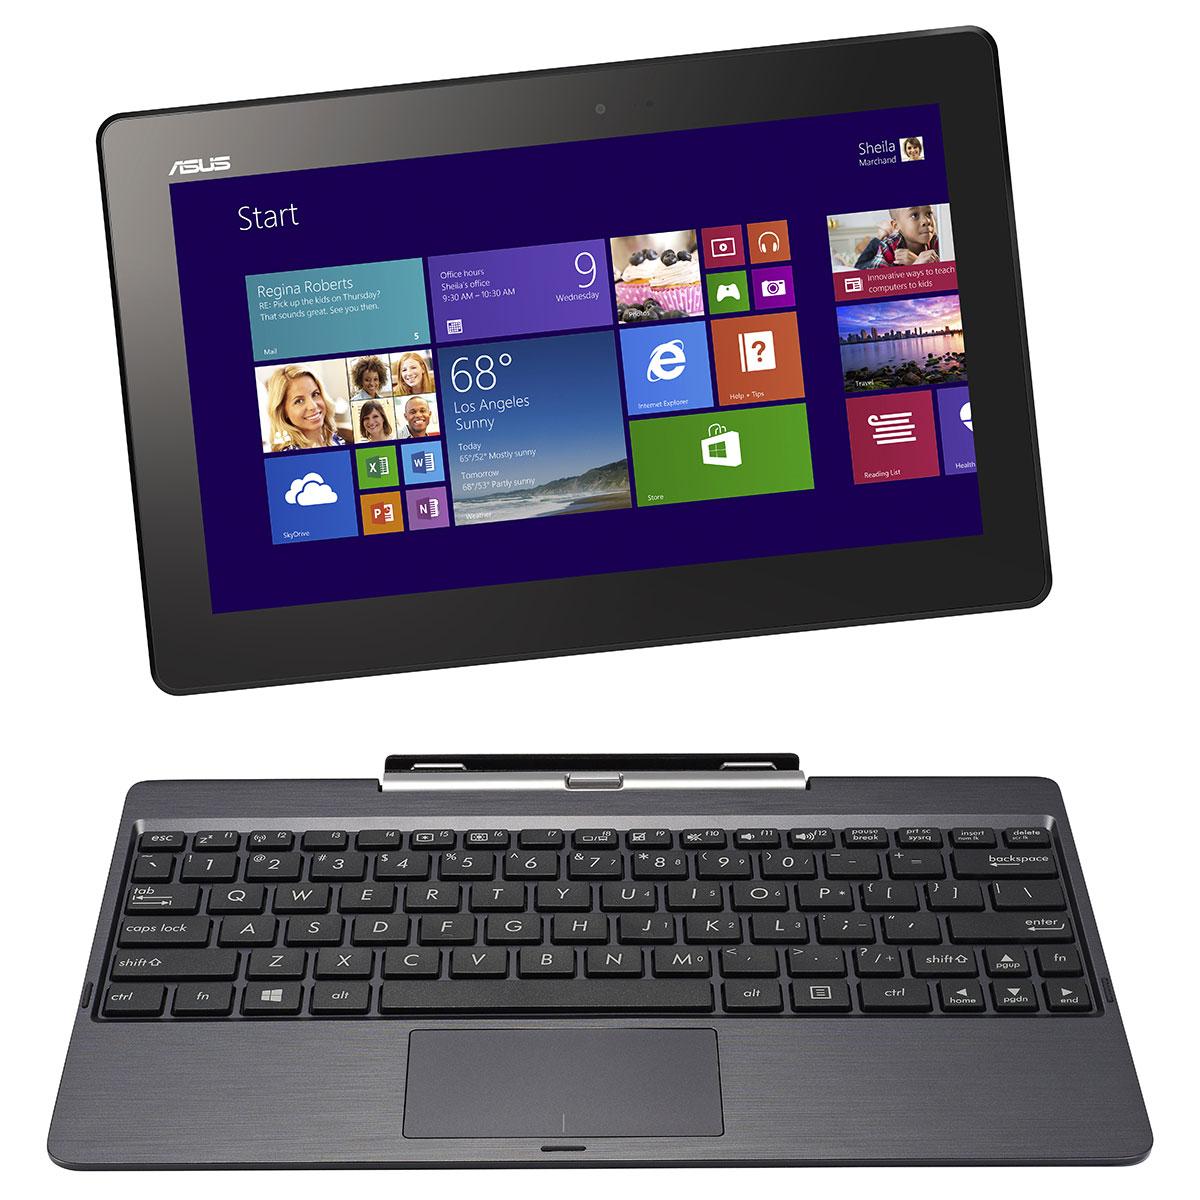 asus transformer book t100taf bing dk001b avec clavier tablette tactile asus sur ldlc. Black Bedroom Furniture Sets. Home Design Ideas